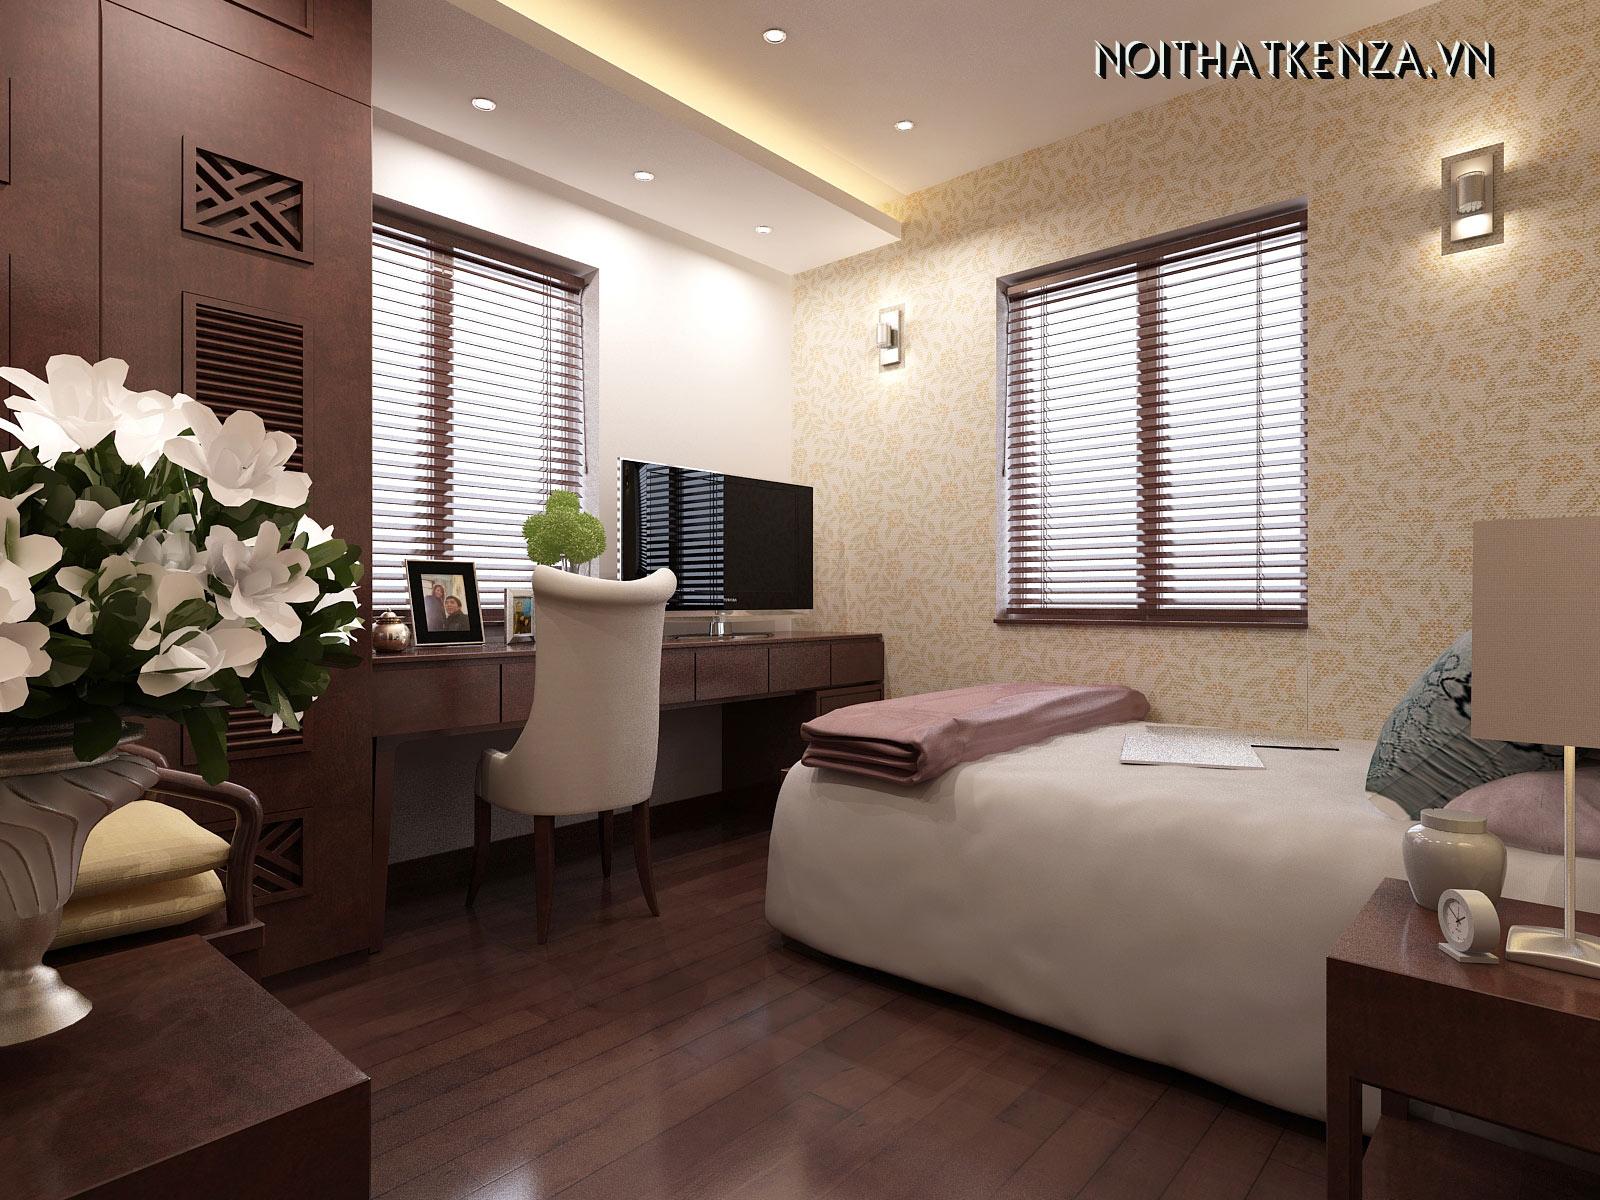 nội thất chung cư 9